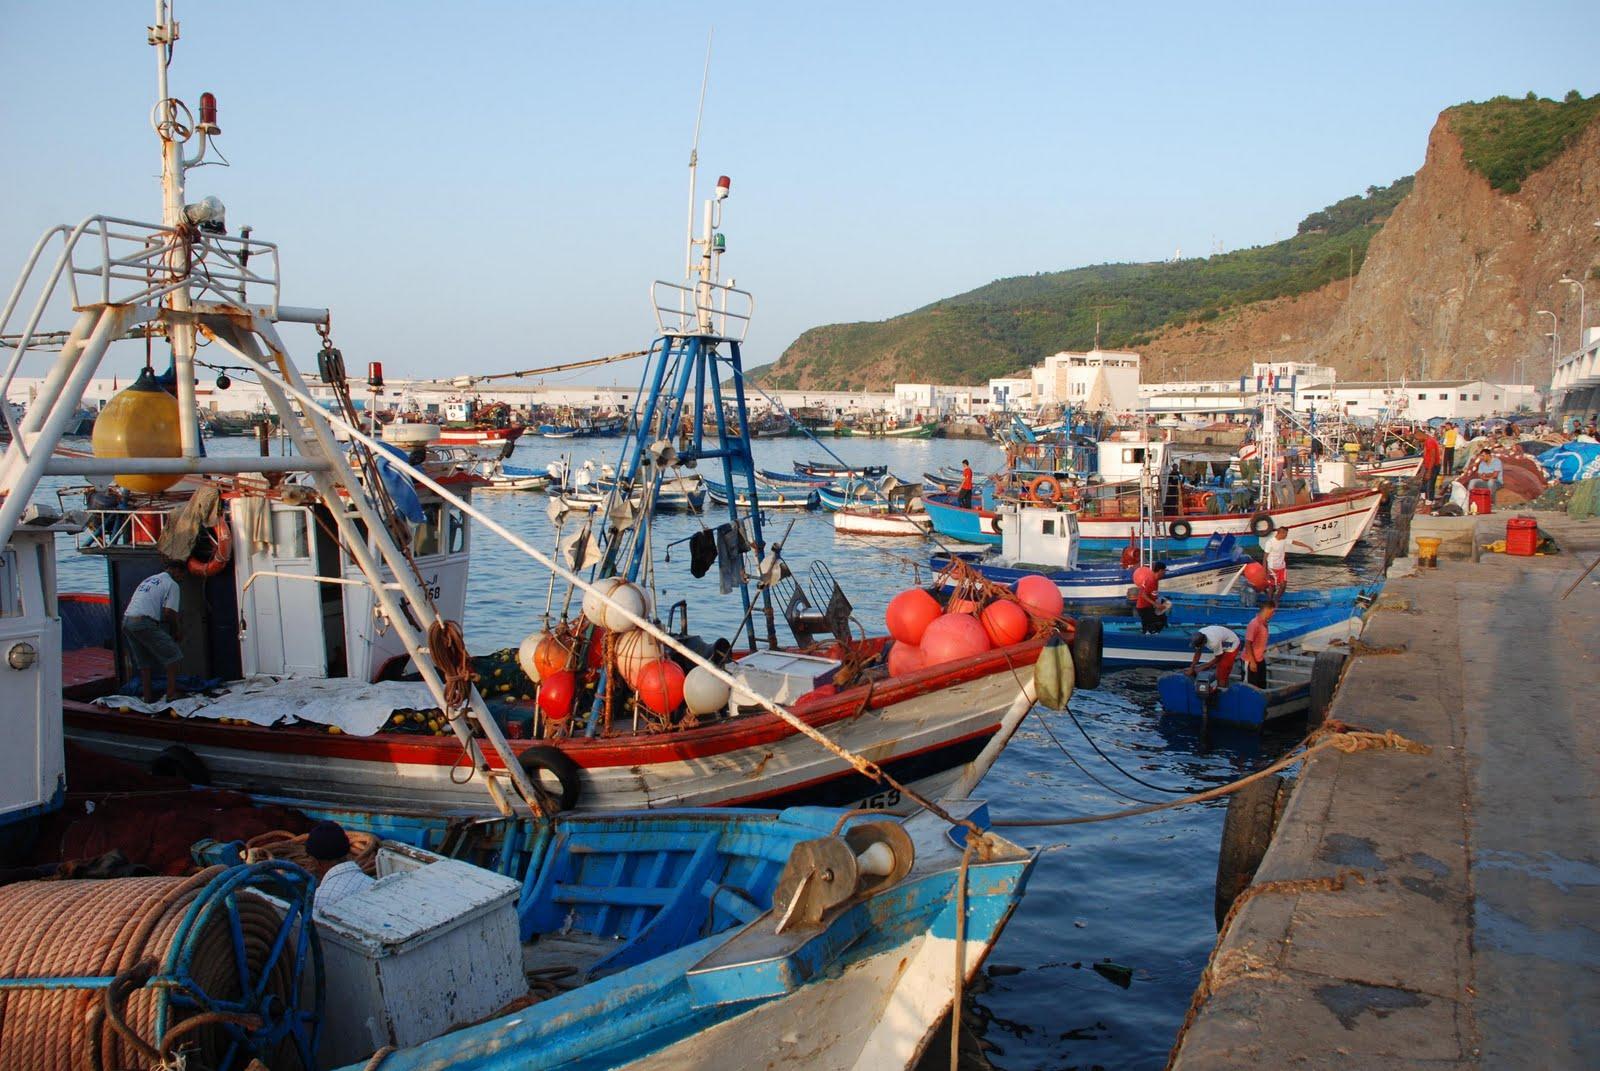 تبرئة ربابنة الصيد من تهم عرقلة حرية العمل